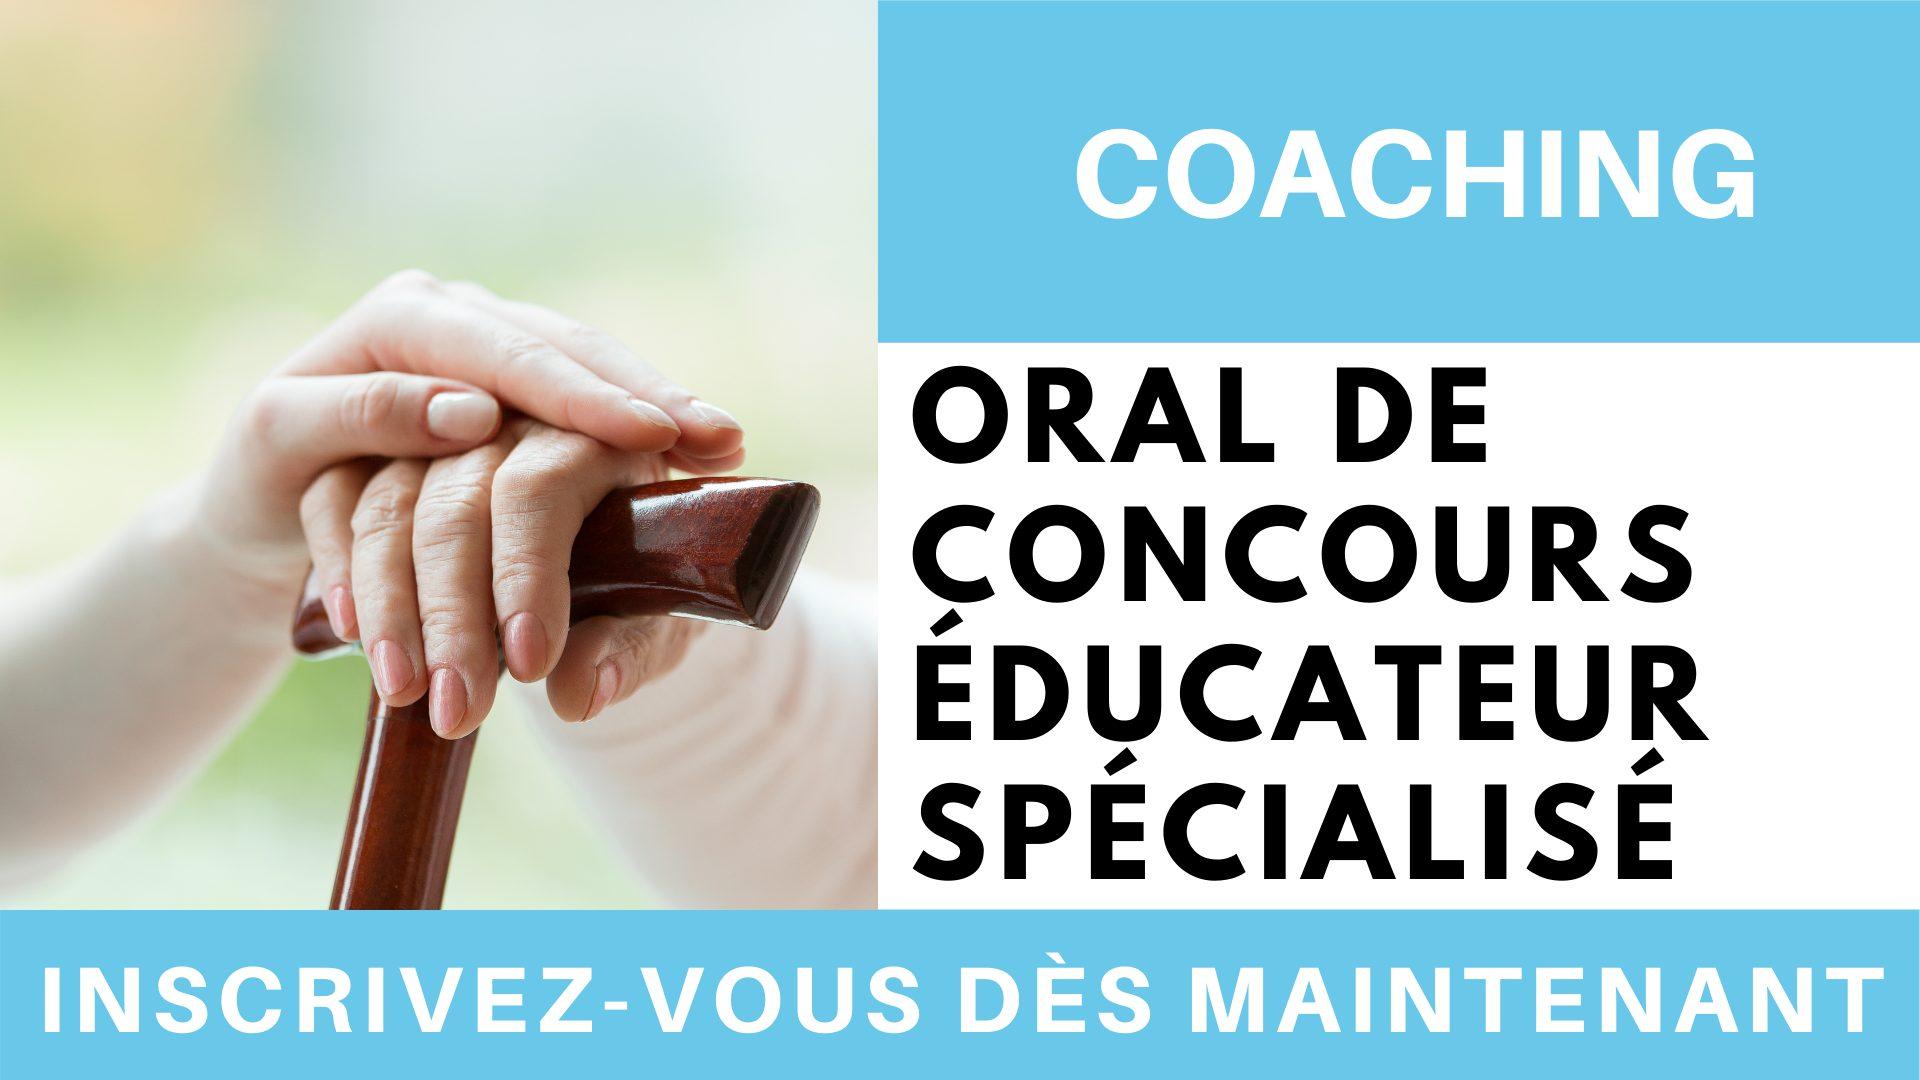 Coaching oral de concours éducateur spécialisé